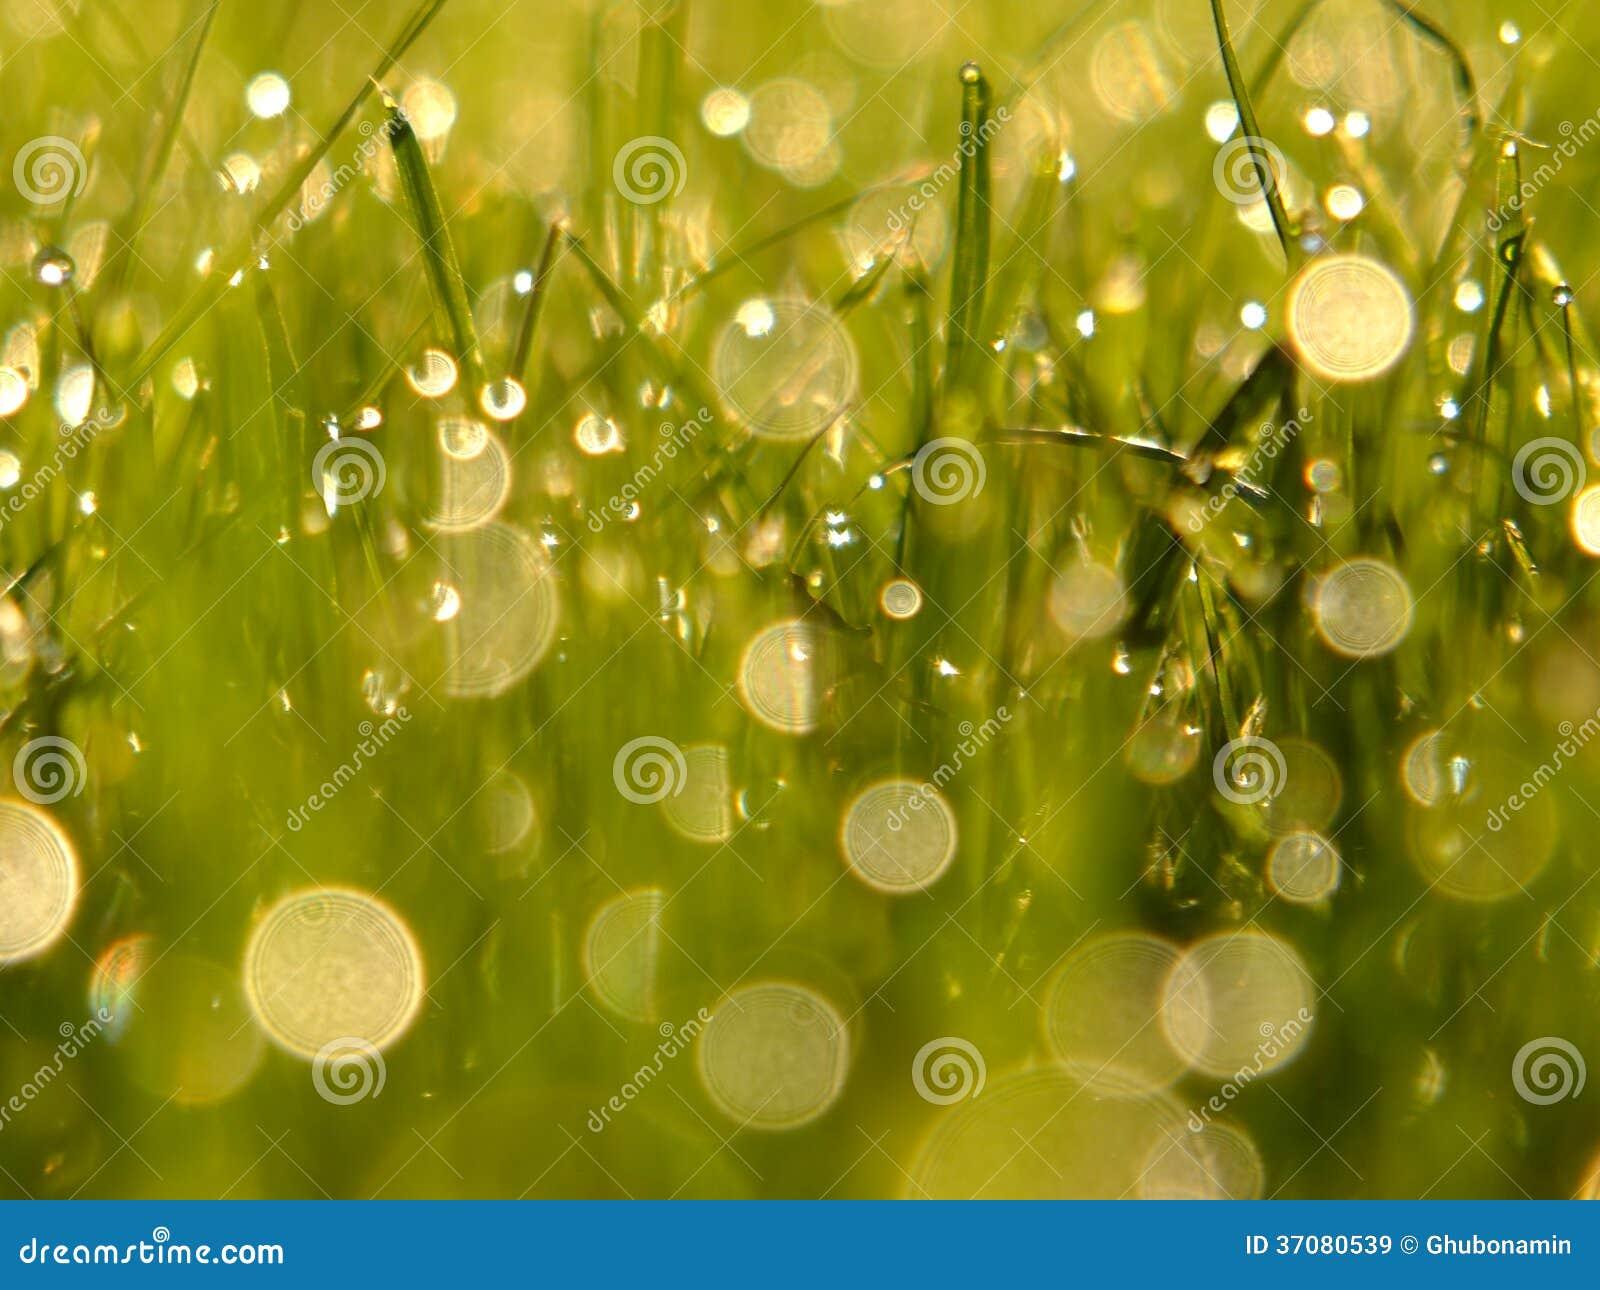 Download Świeża zielona trawa obraz stock. Obraz złożonej z fielder - 37080539